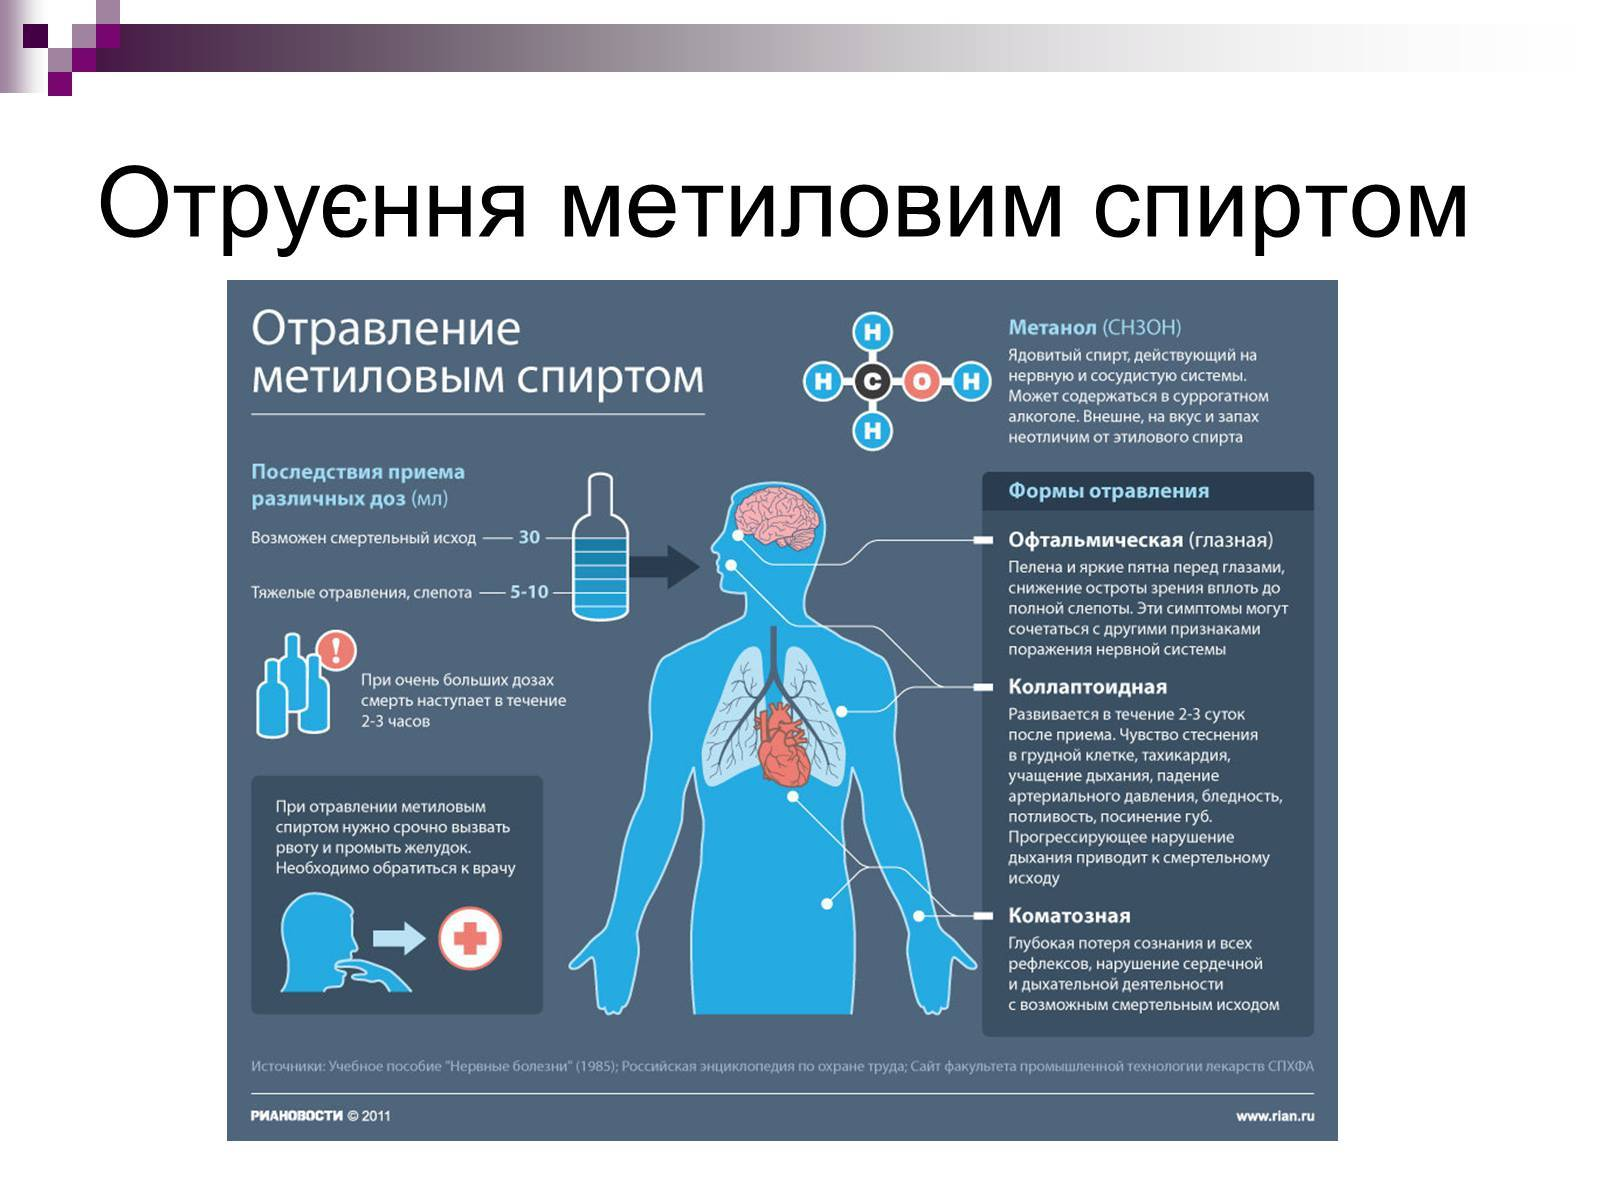 Отравление метиловым спиртом: симптомы, признаки, лечение